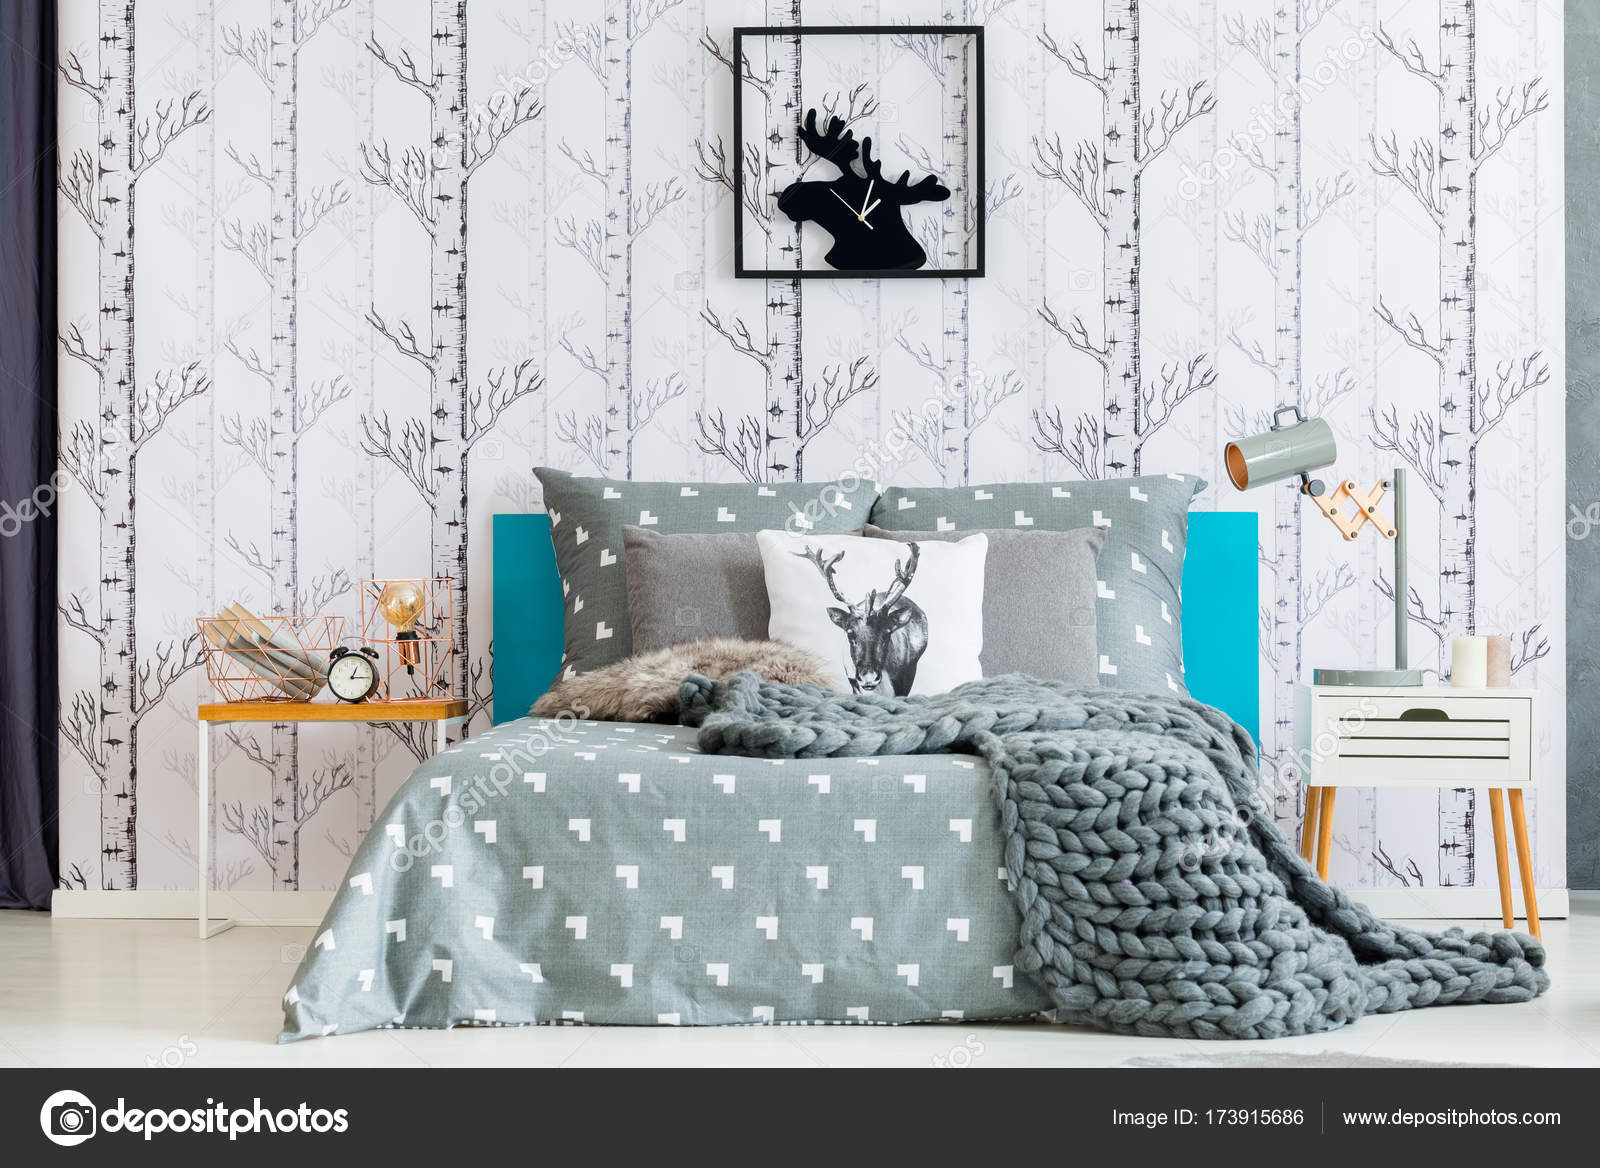 Alci orologio in camera da letto bianca — Foto Stock © photographee ...